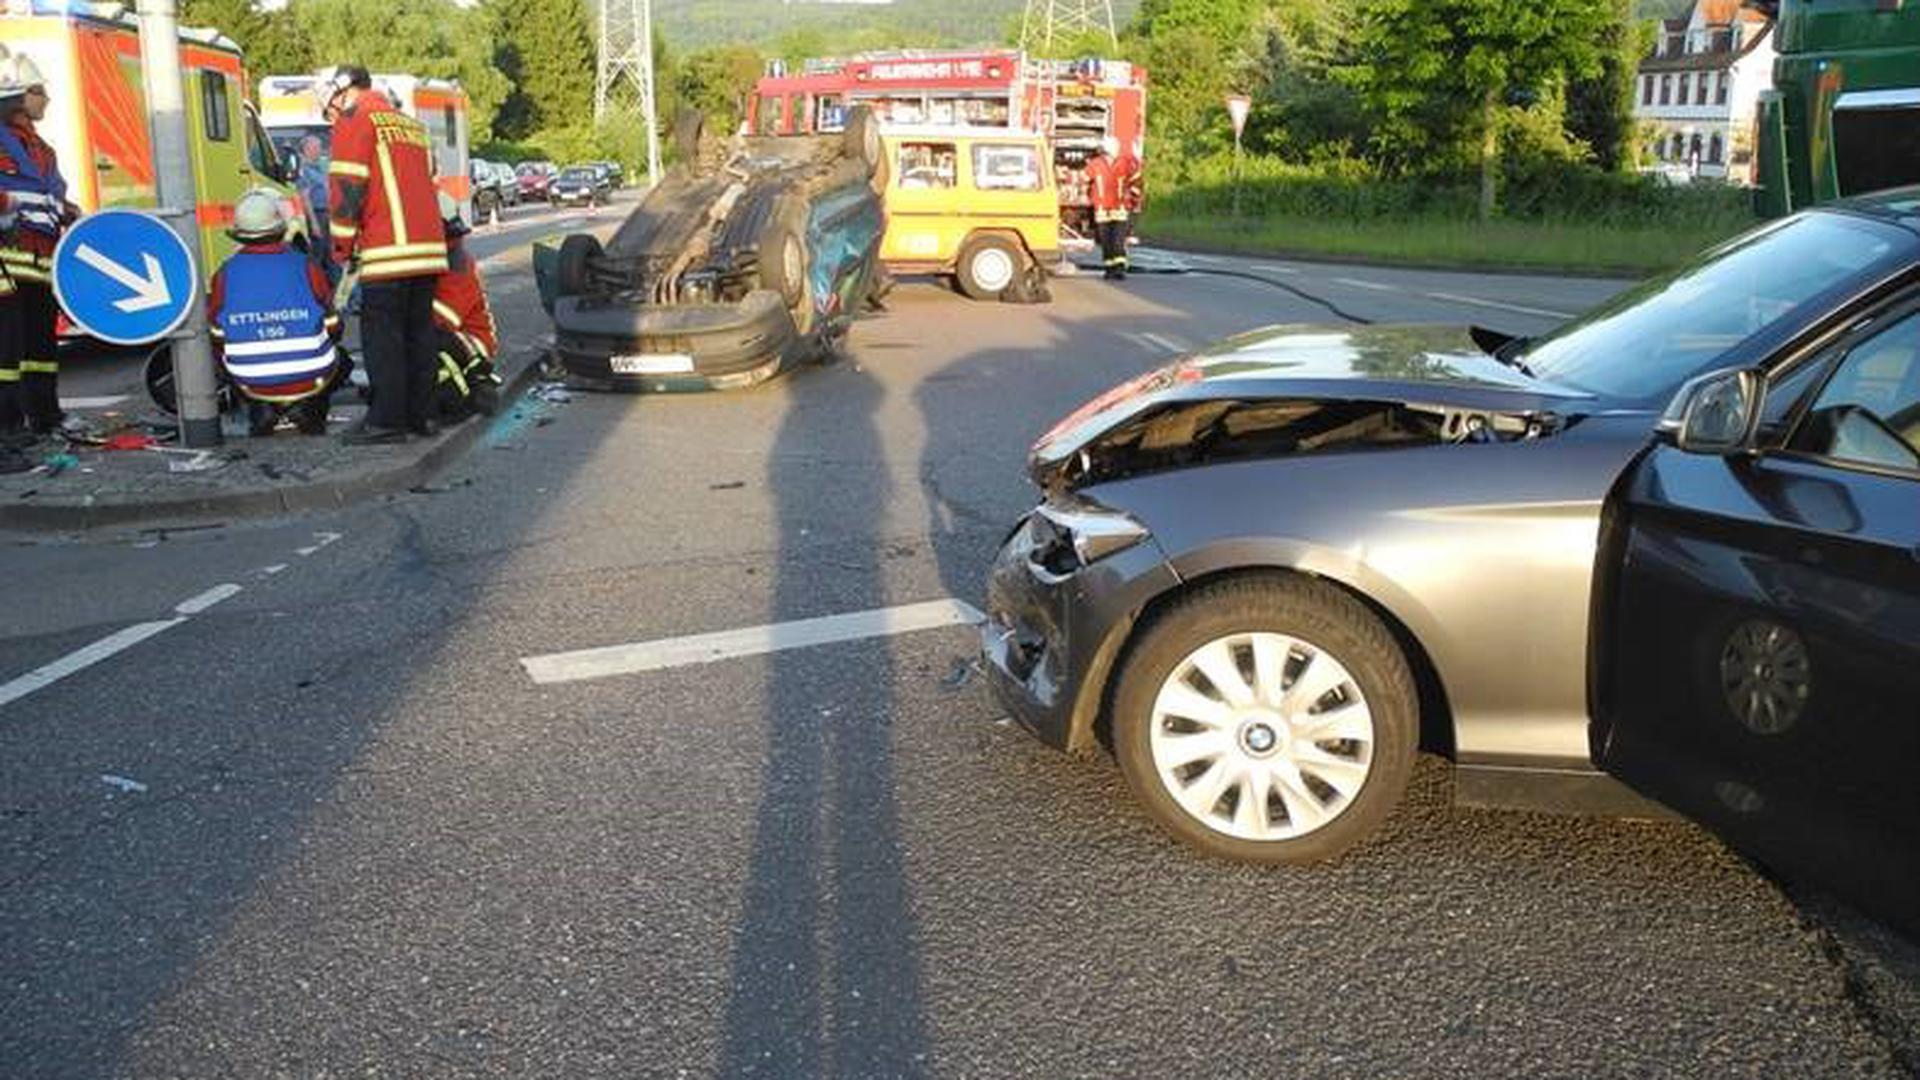 Auto auf Dach, Einsatzkräfte und ein leicht demoliertes Fahrzeug im Vordergrund.